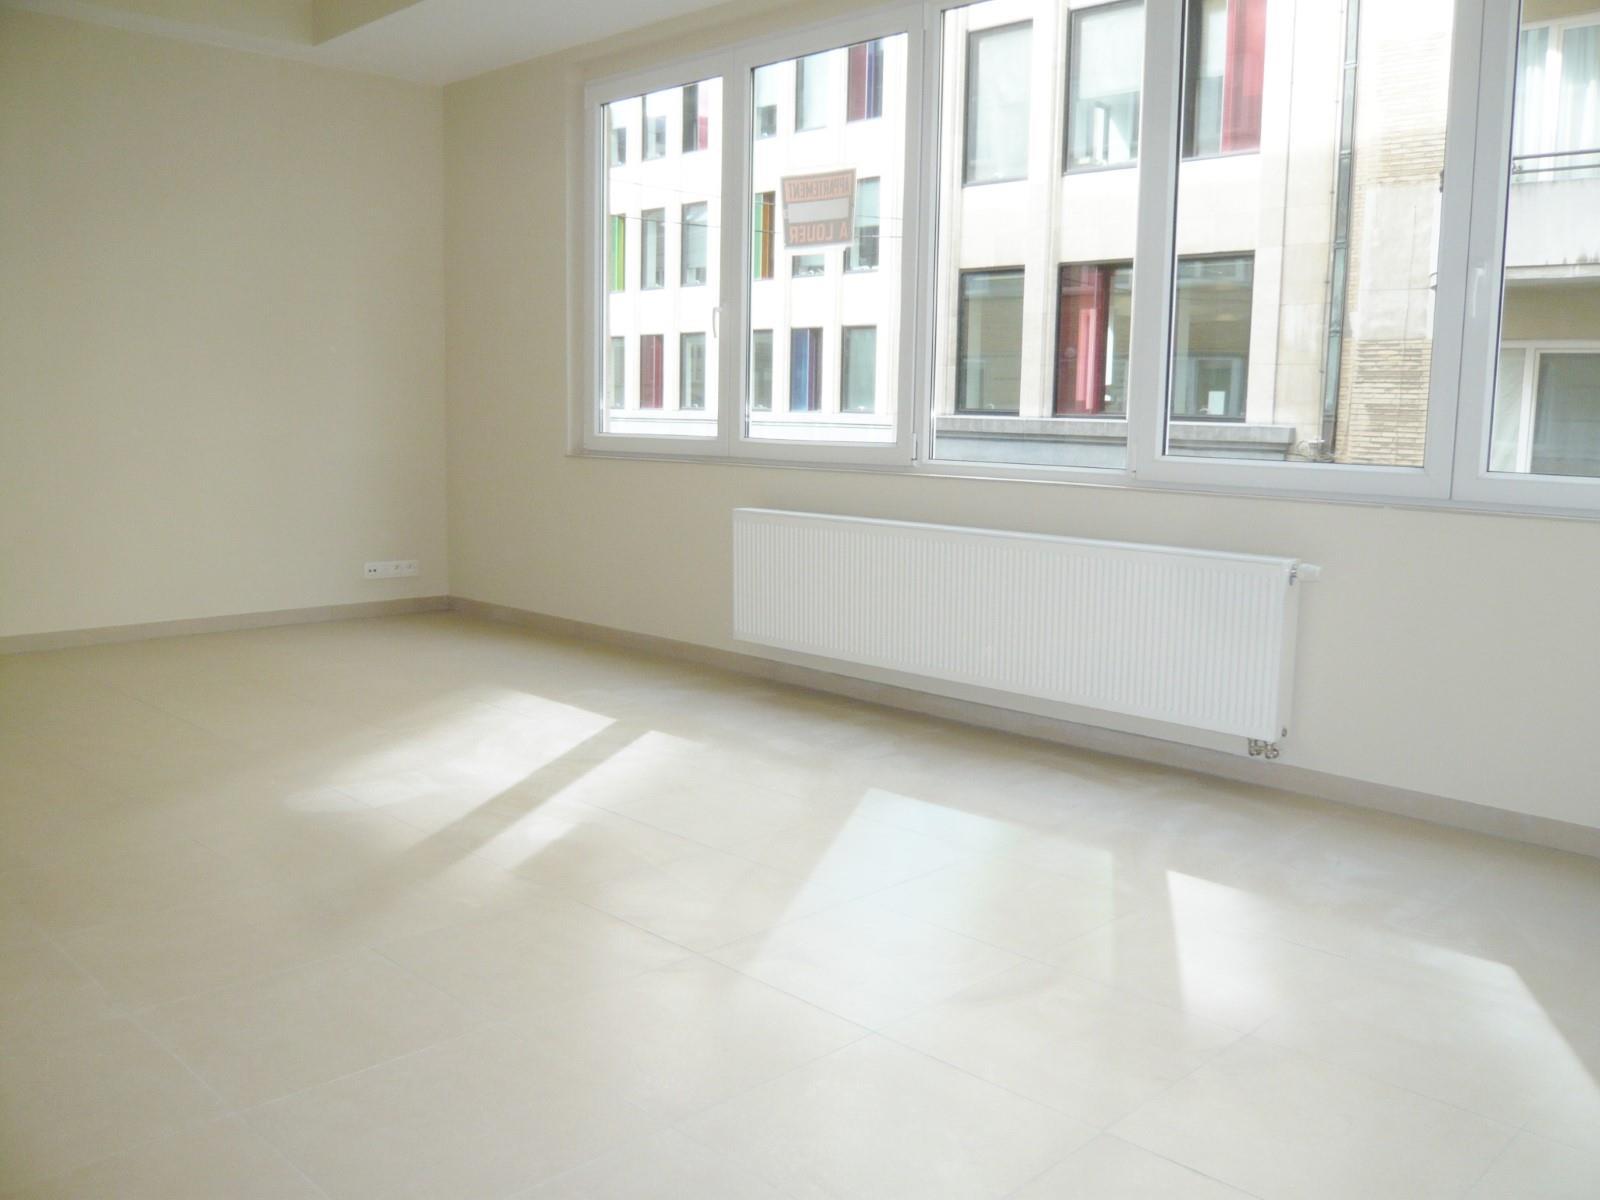 Flat - Bruxelles - #3310838-12